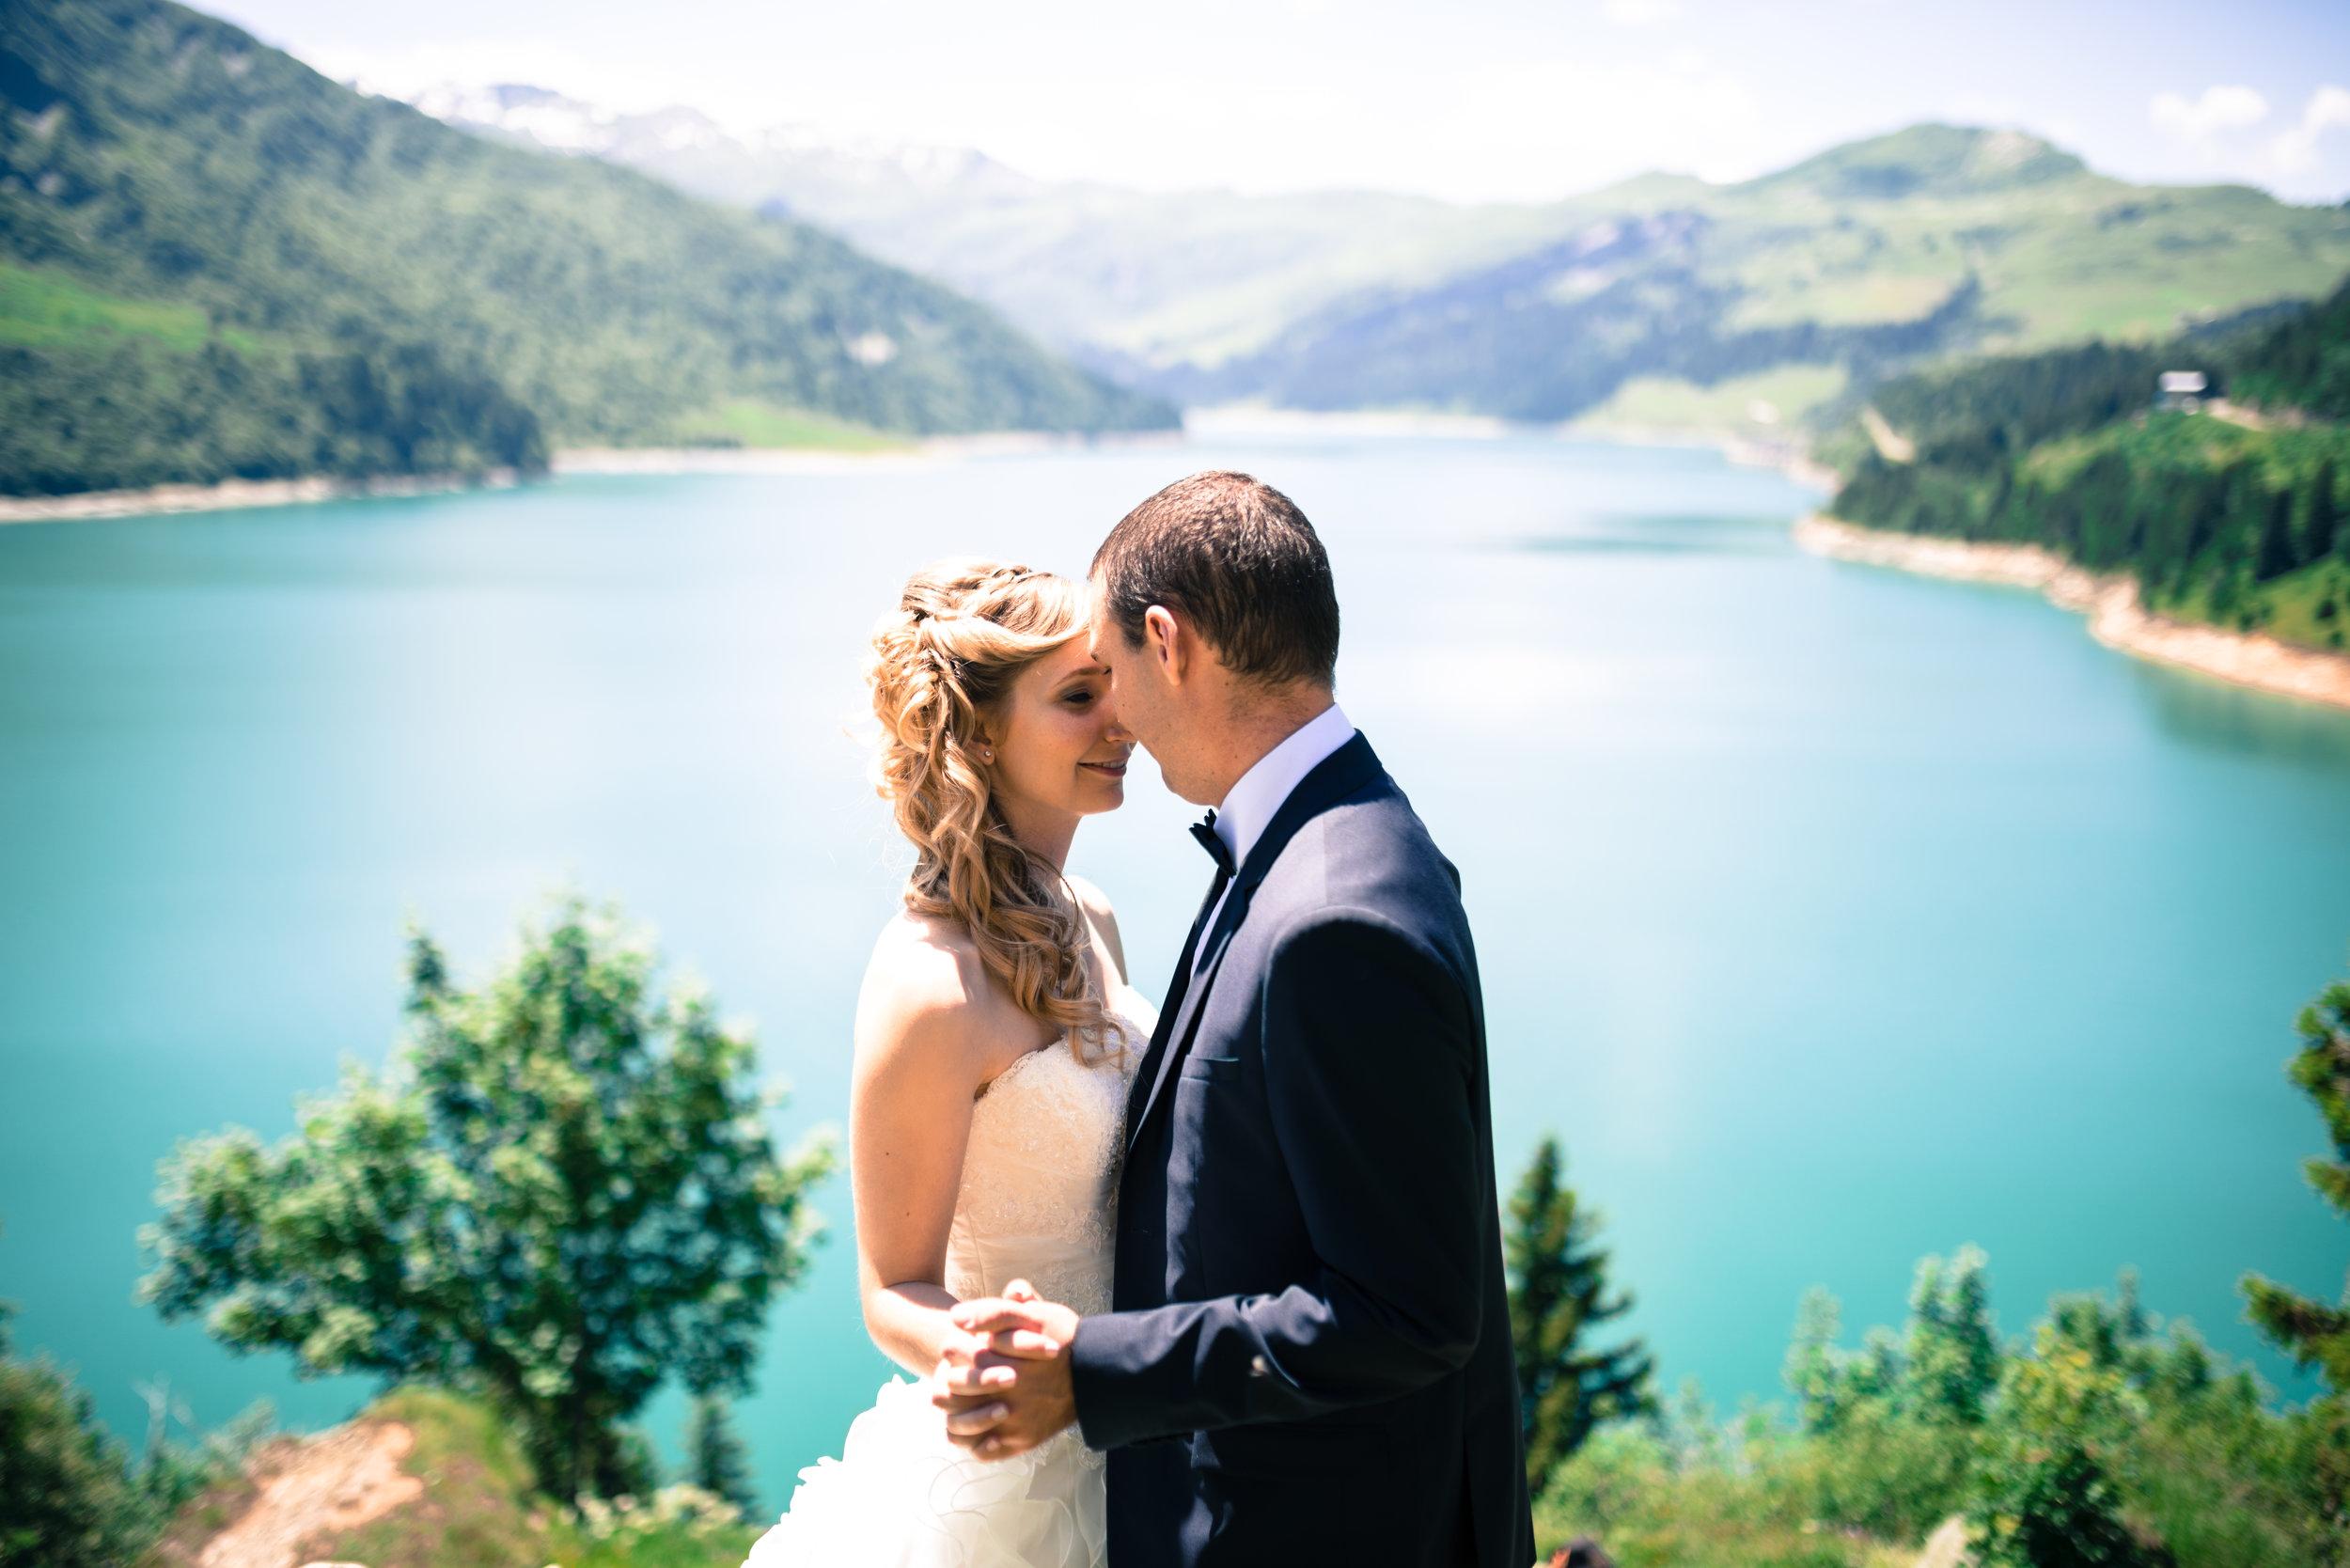 photographe de mariage à la montagne à Megève et le Val d'Arly en Savoie Haute-Savoie